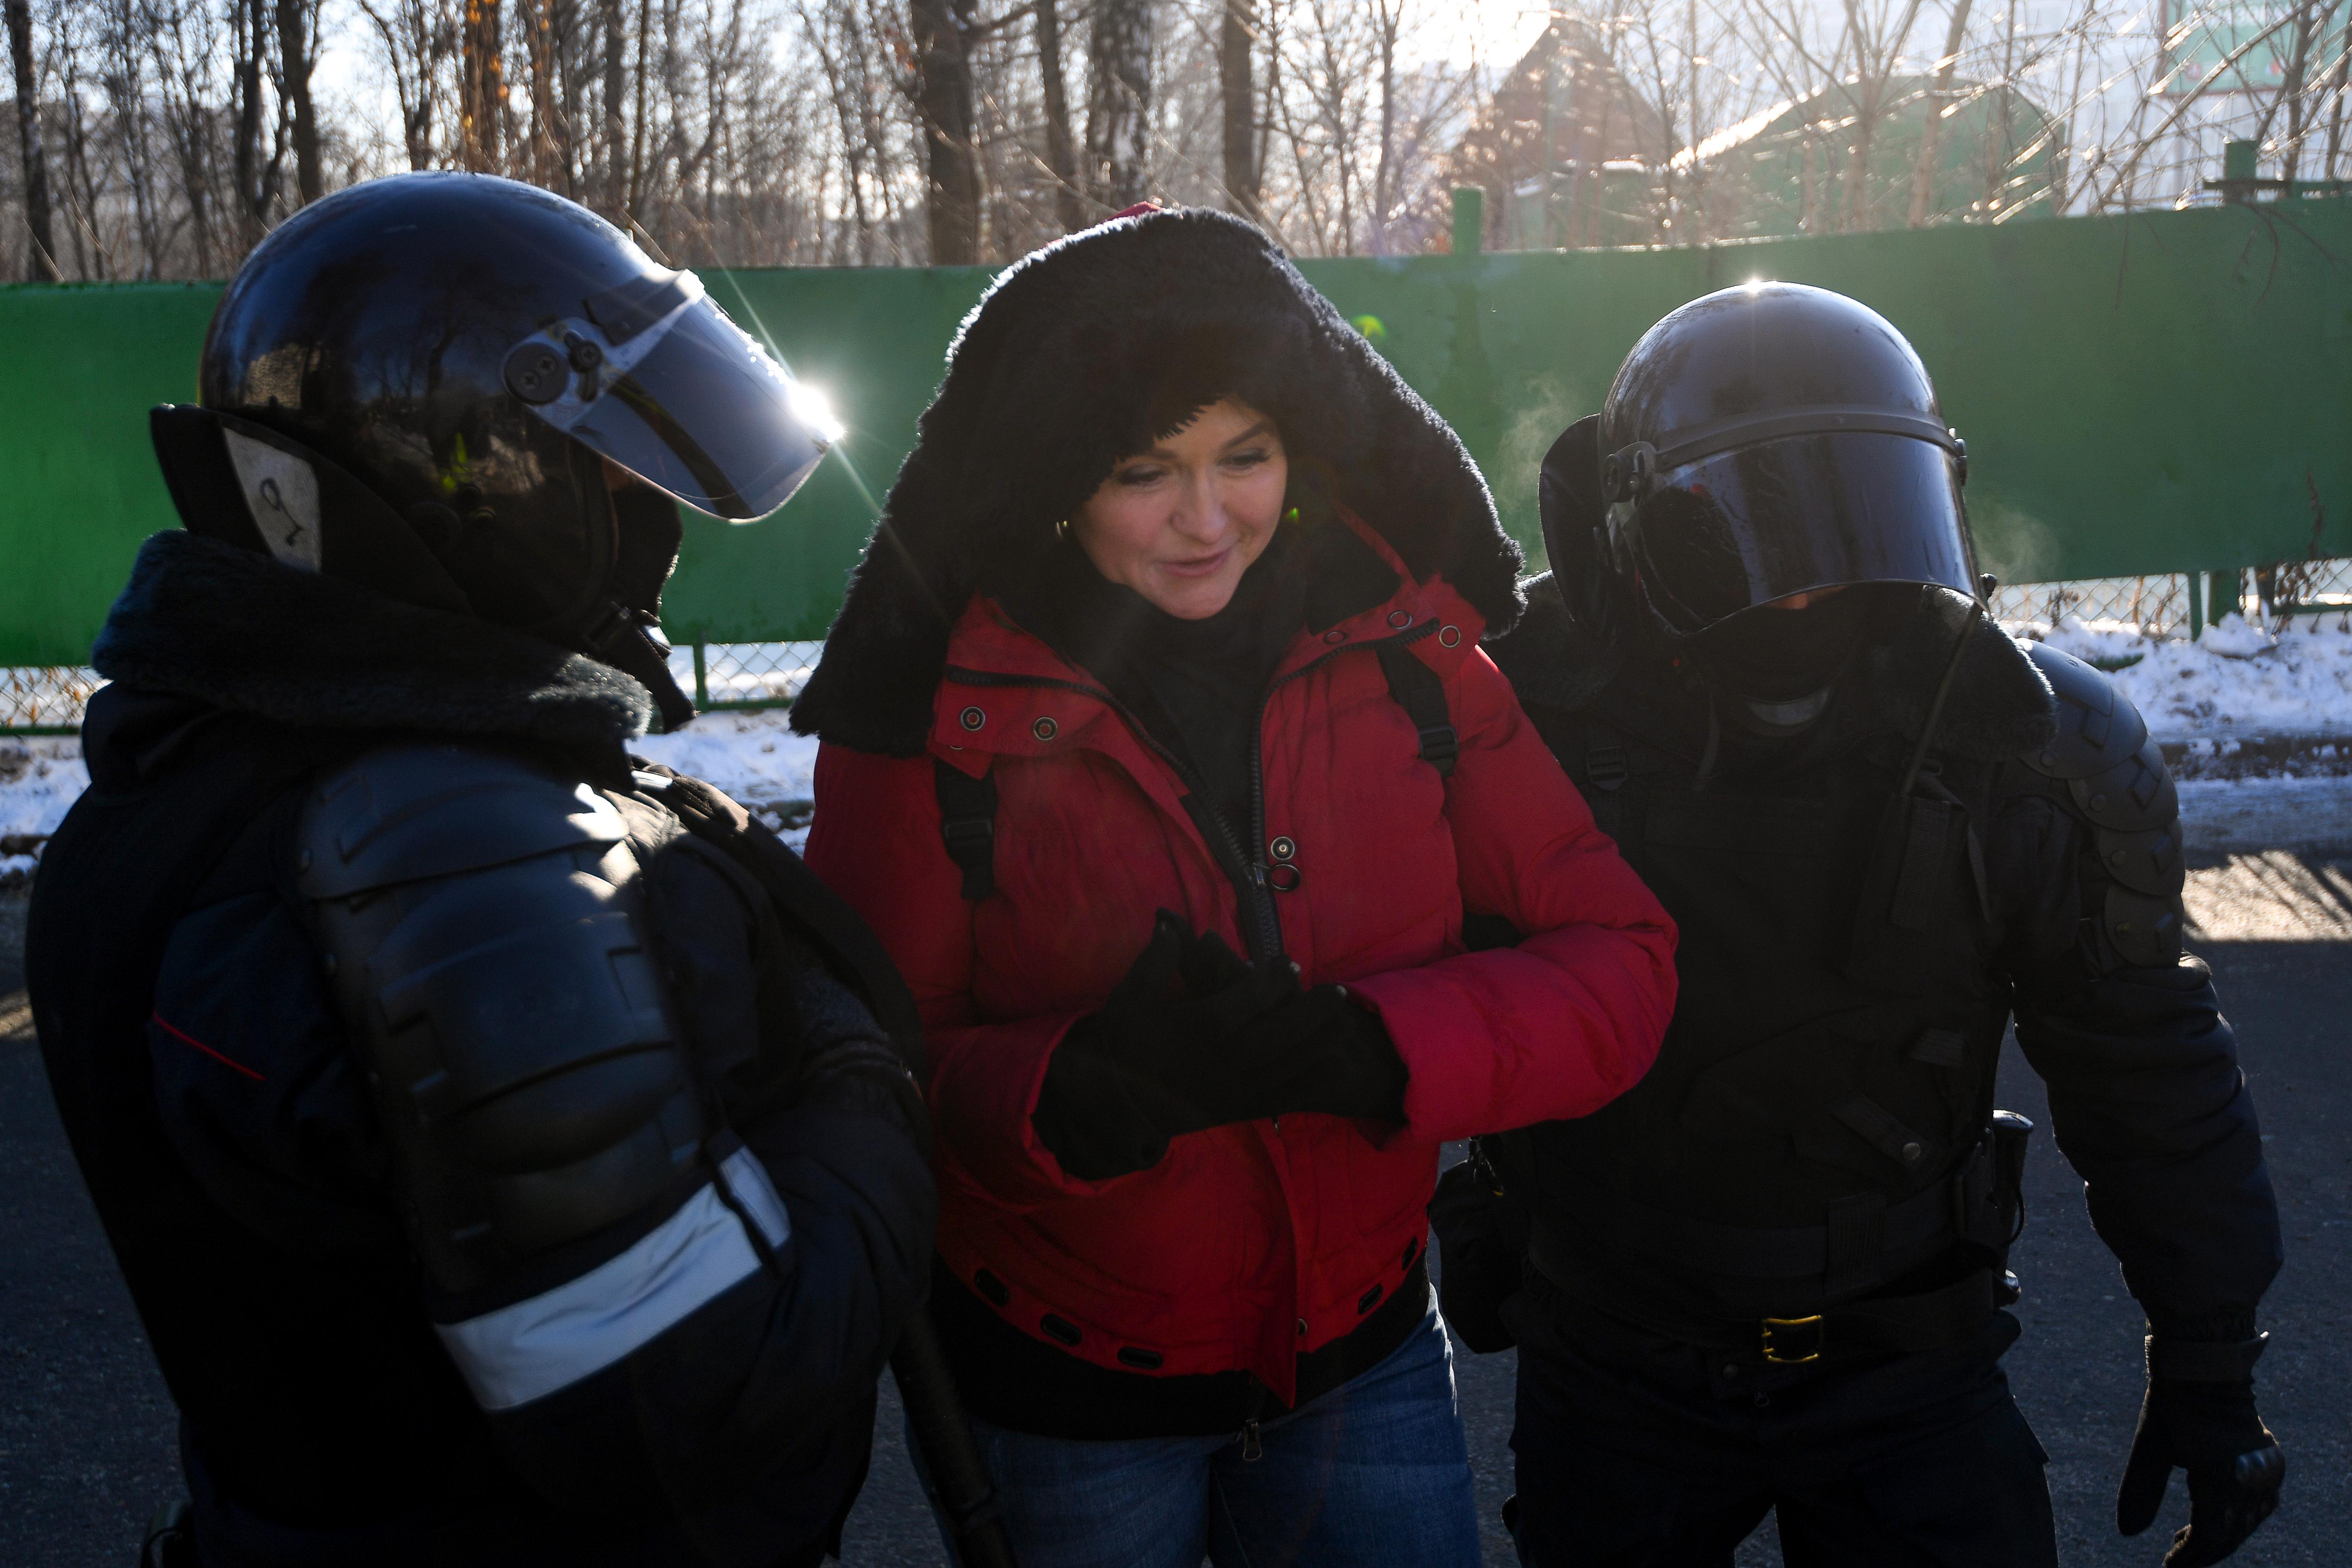 Még el se kezdődött Navalnij tárgyalása, de a híveit már összefogdossák